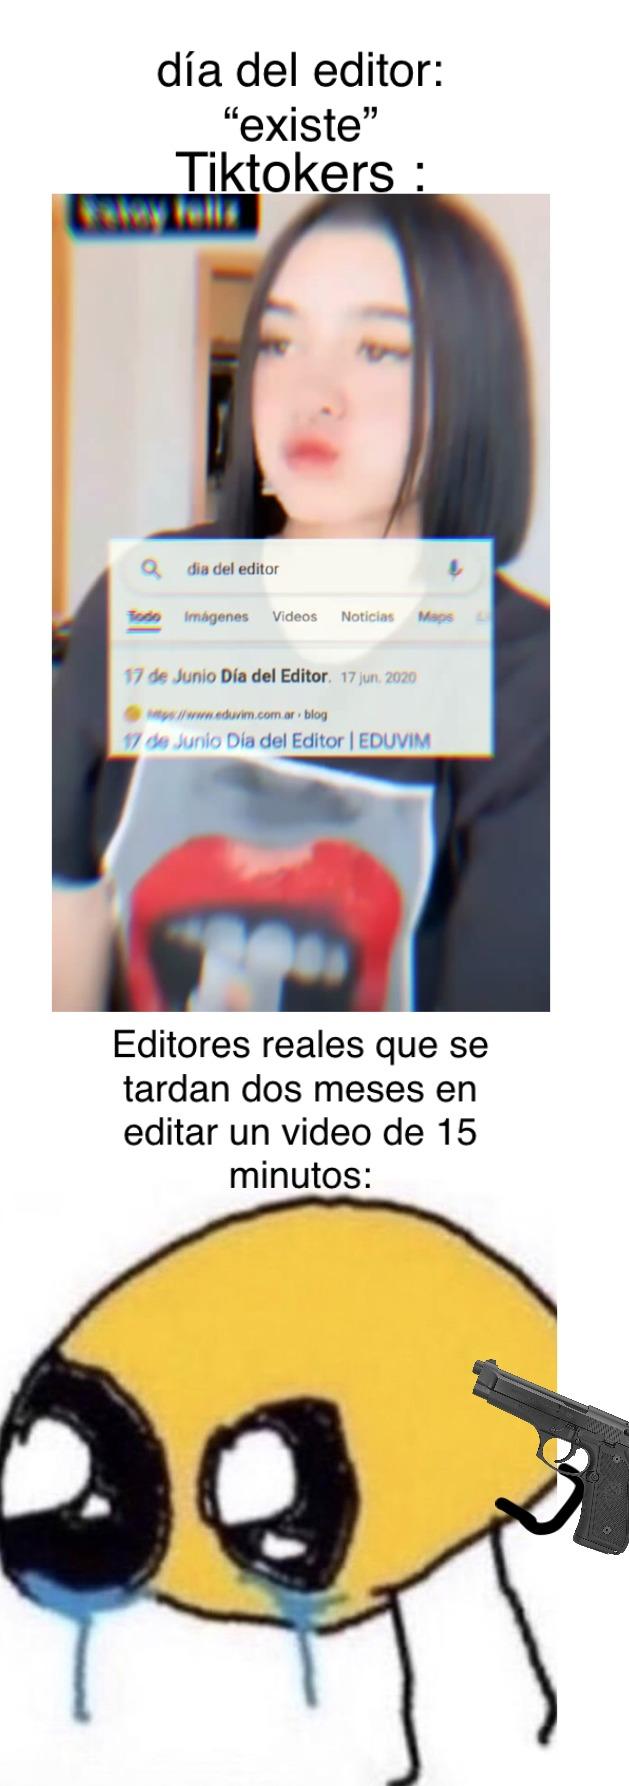 pobres editores reales :c - meme